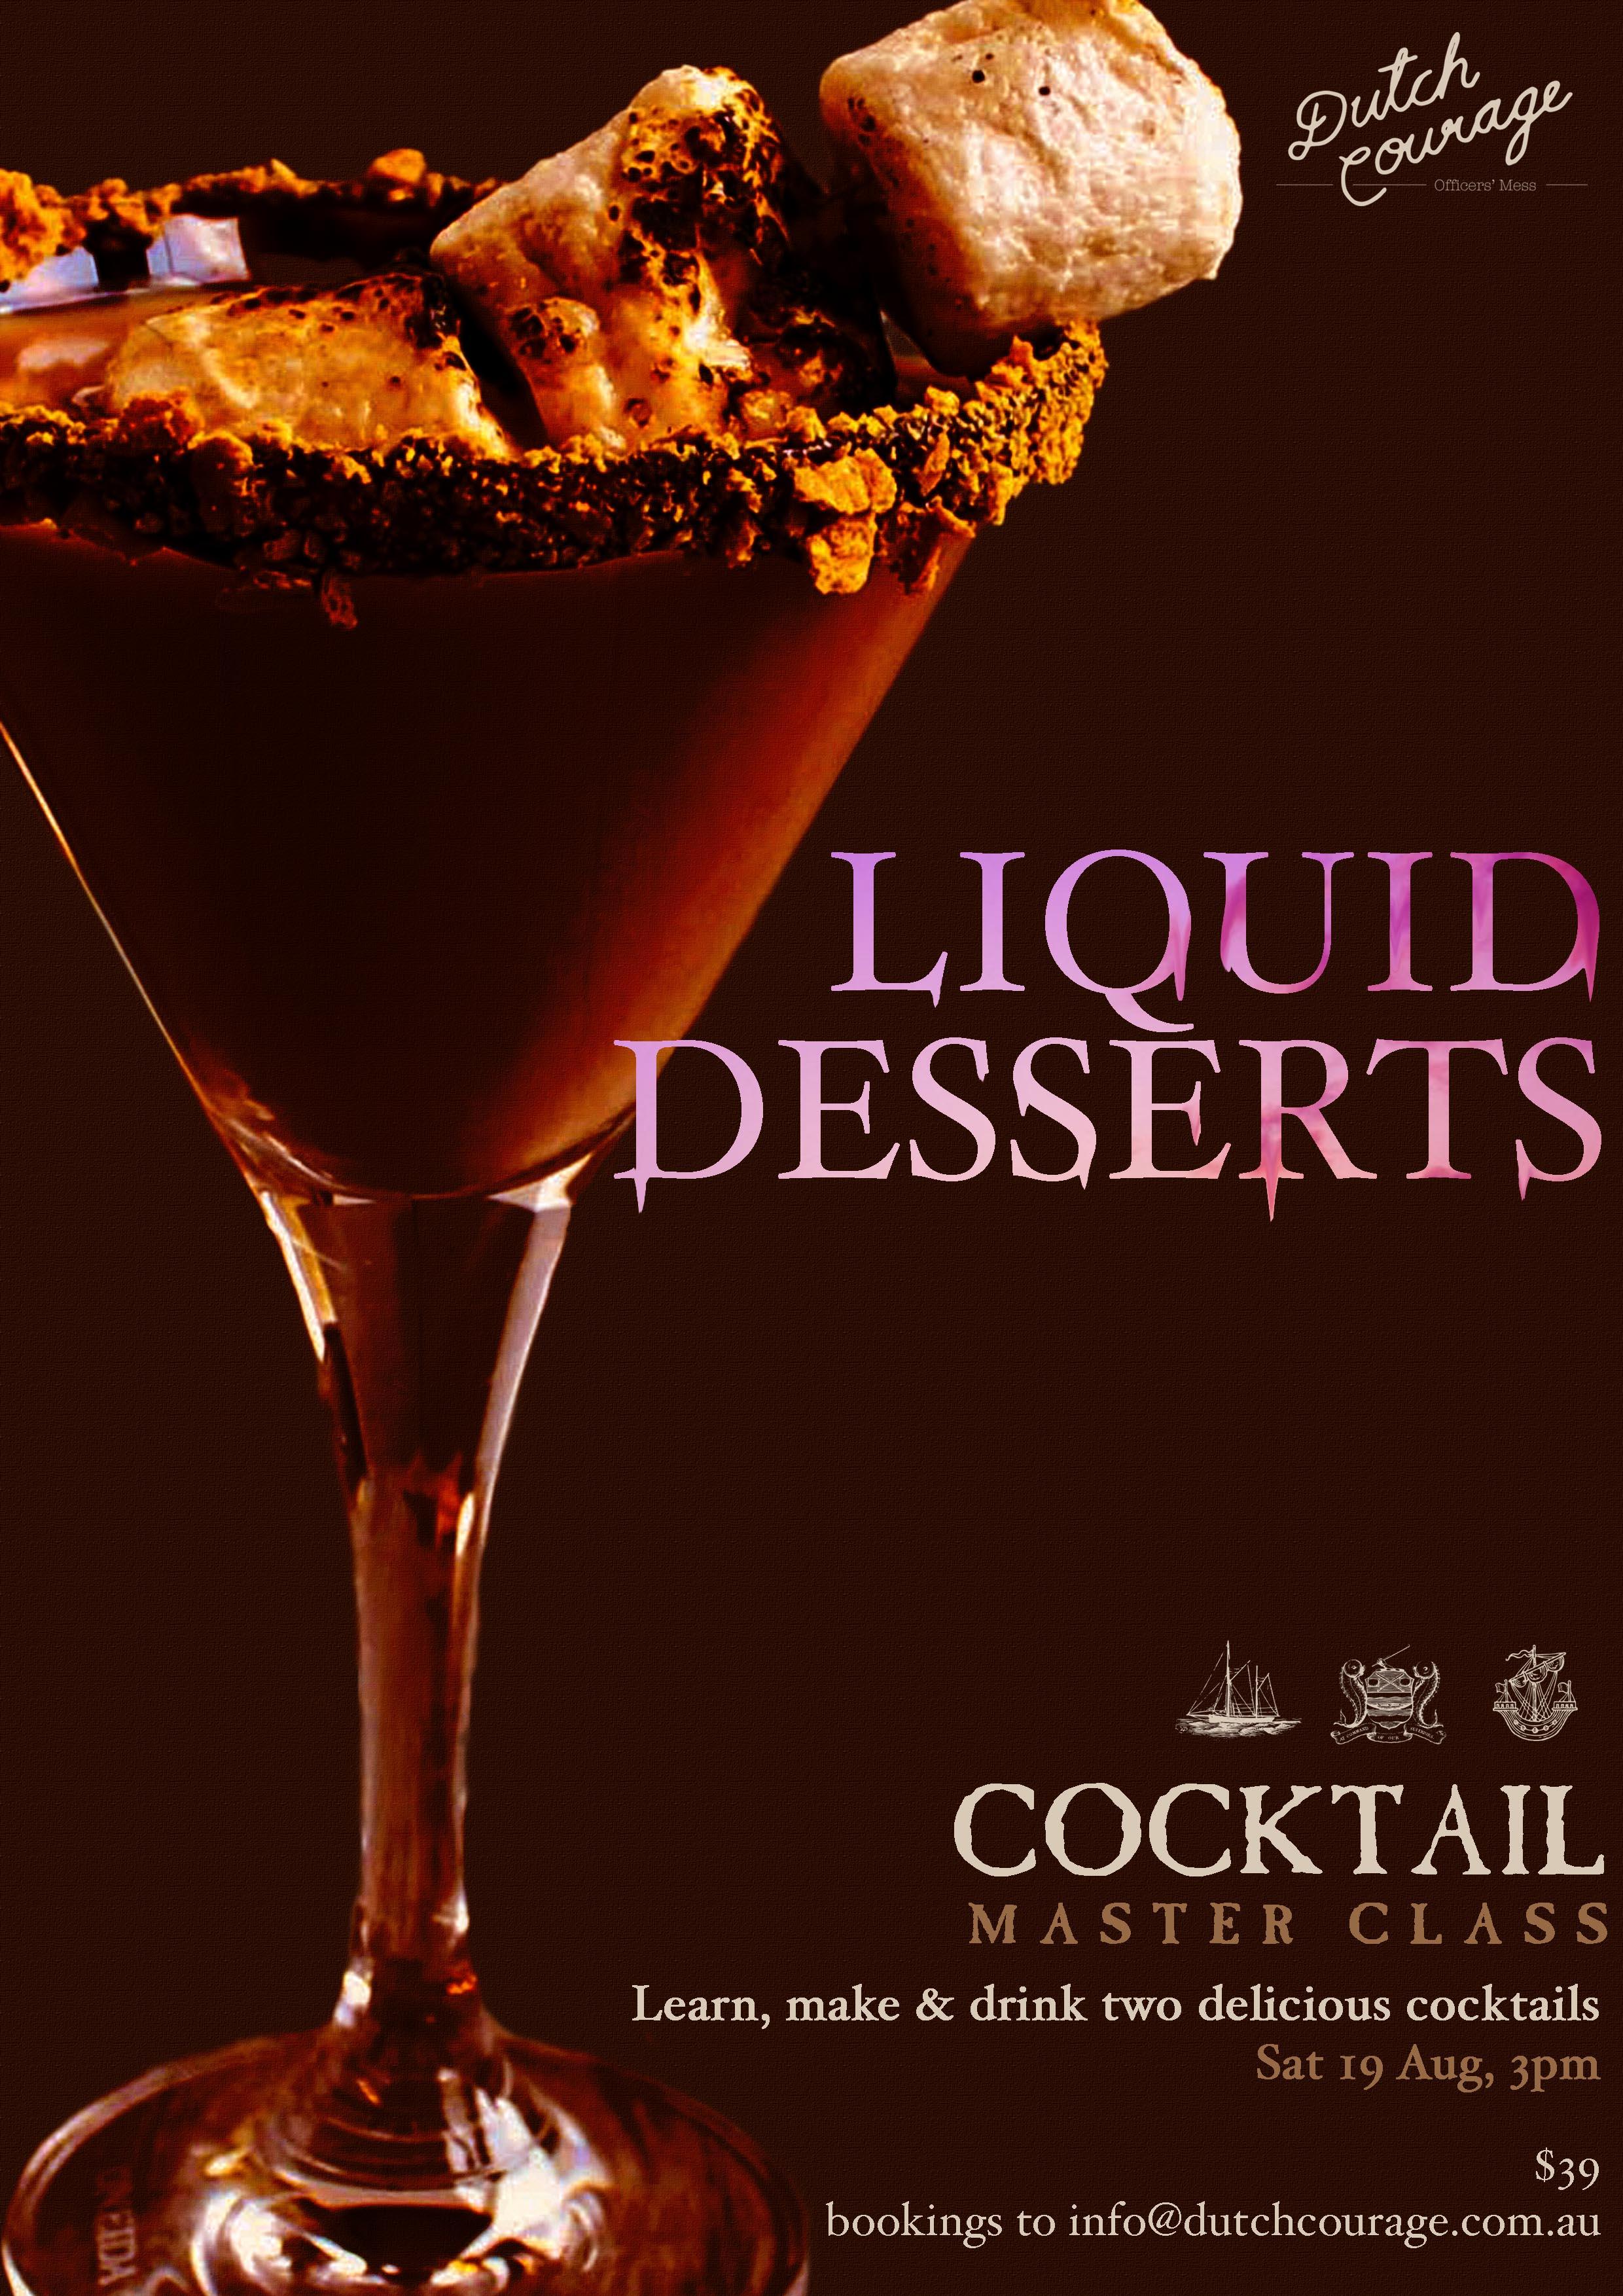 Liquid Desserts